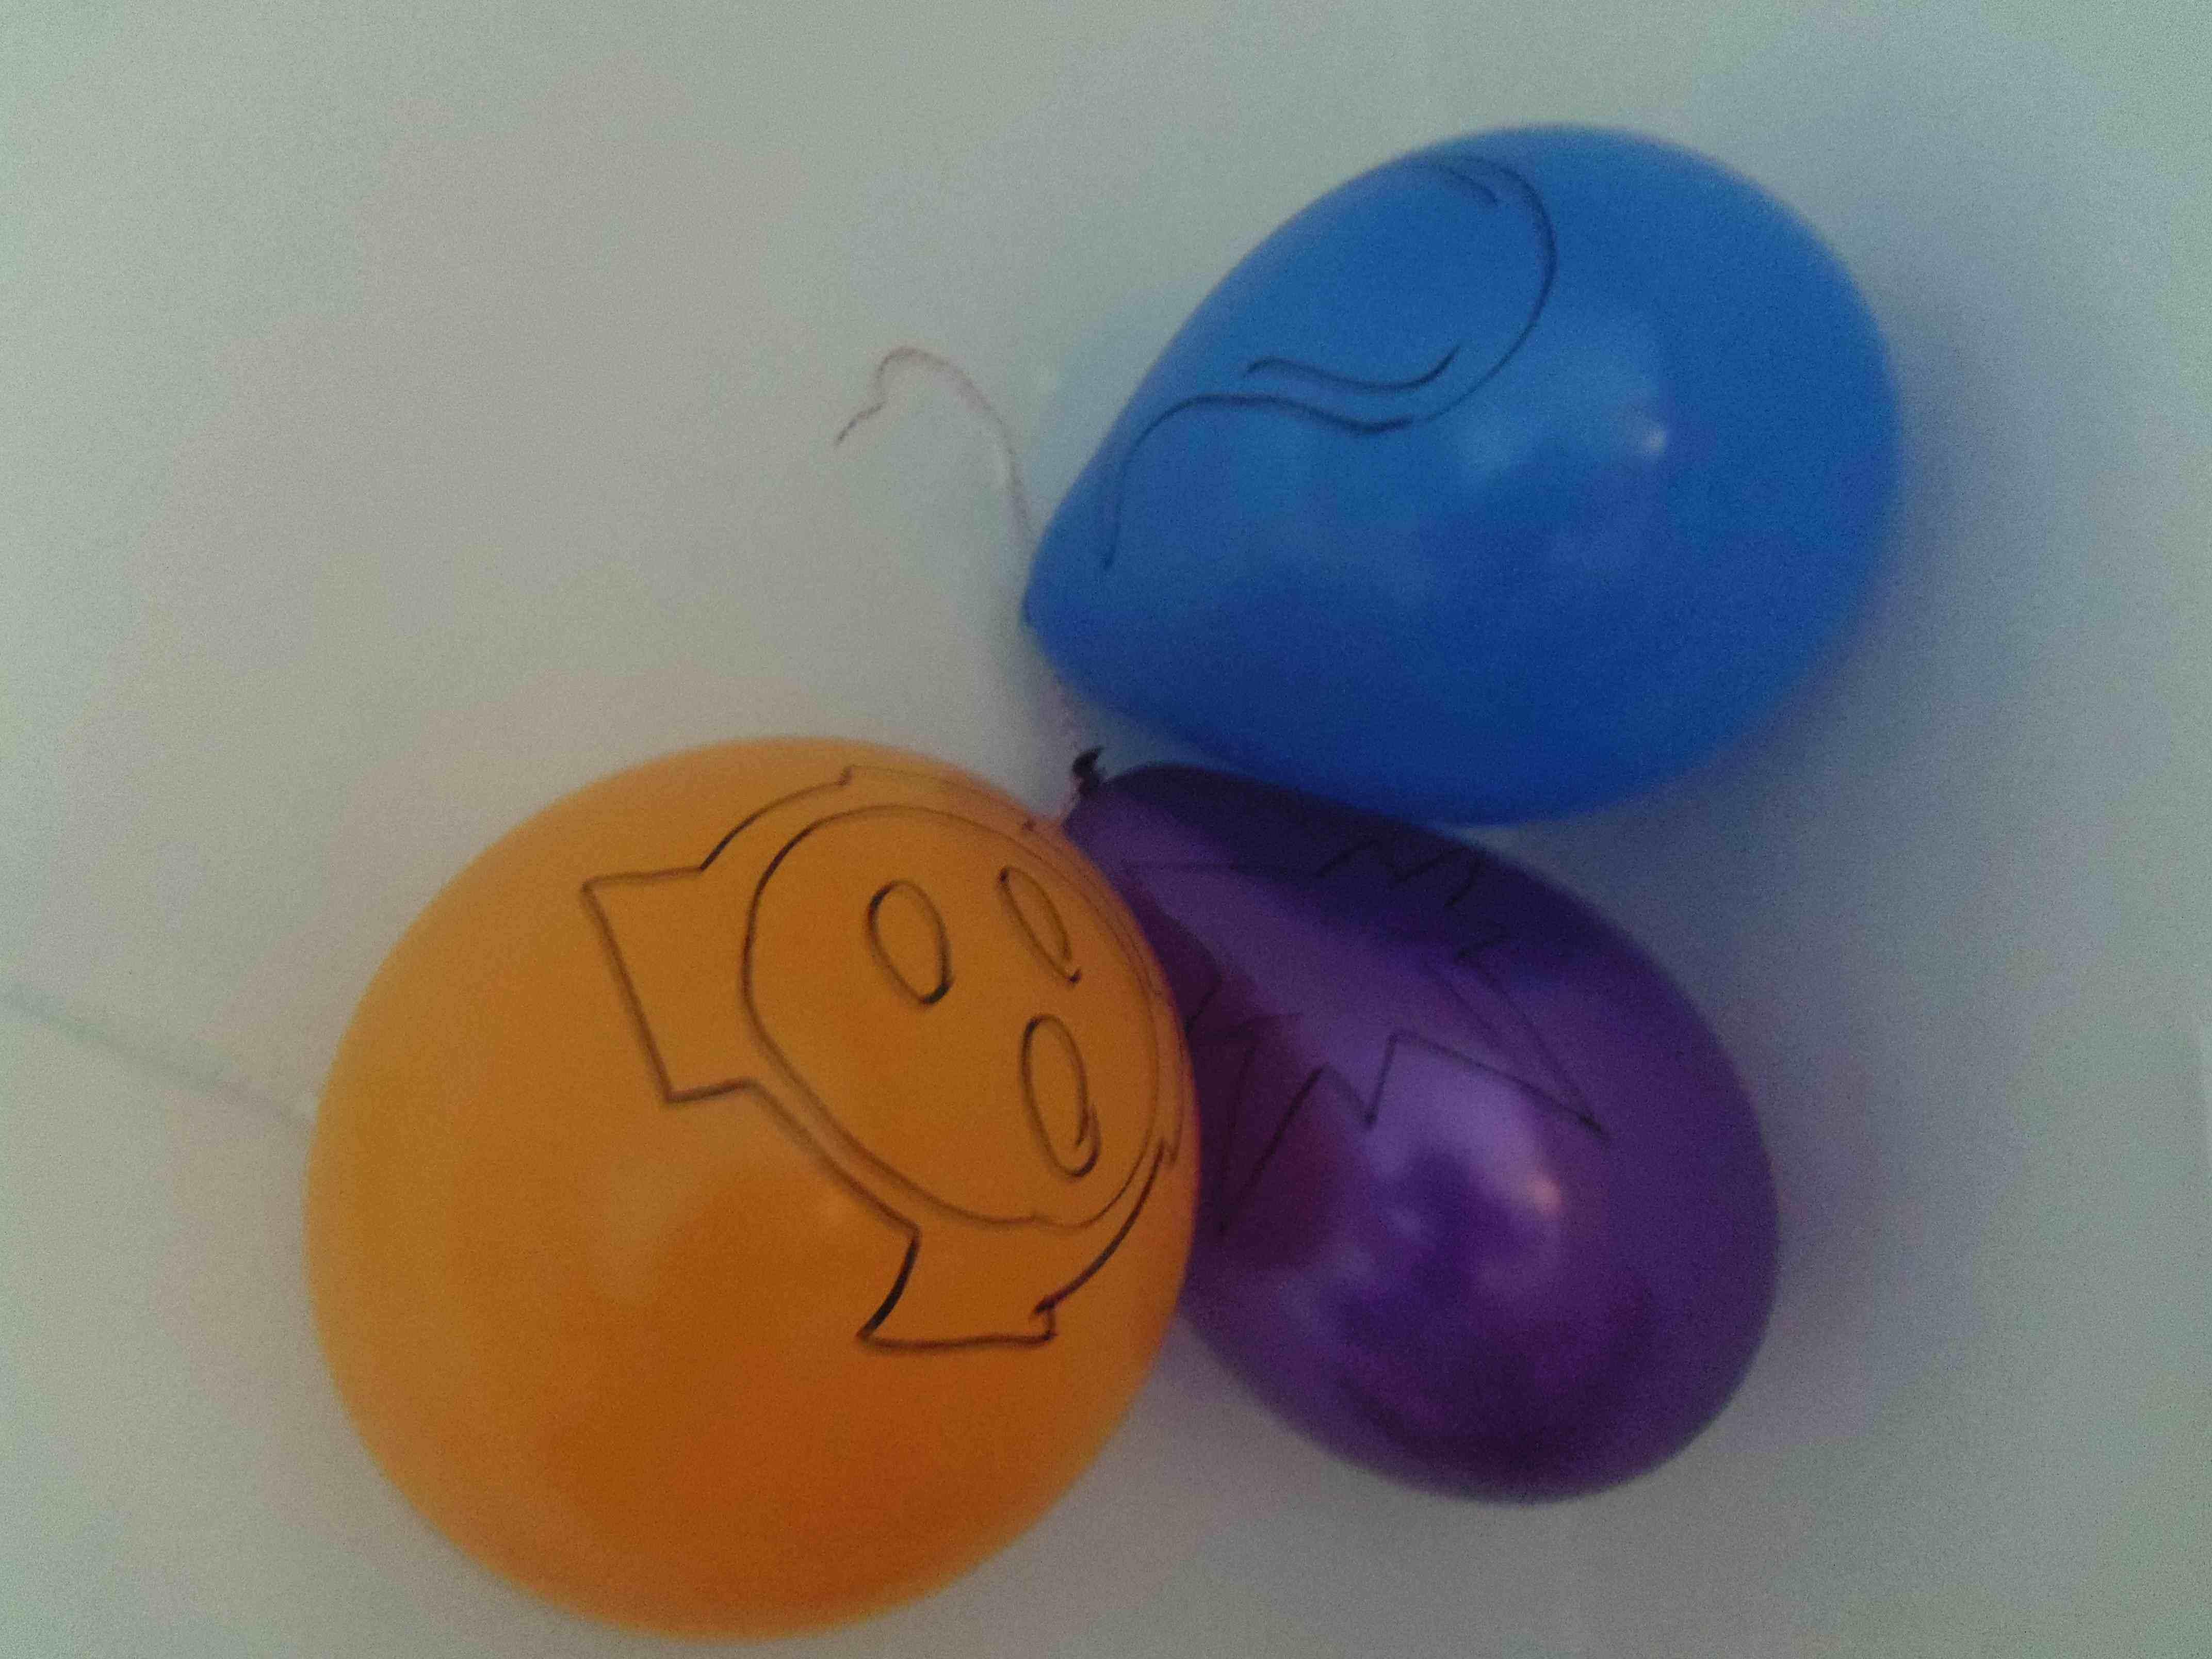 Elementen op de ballonnen (c) Srsck